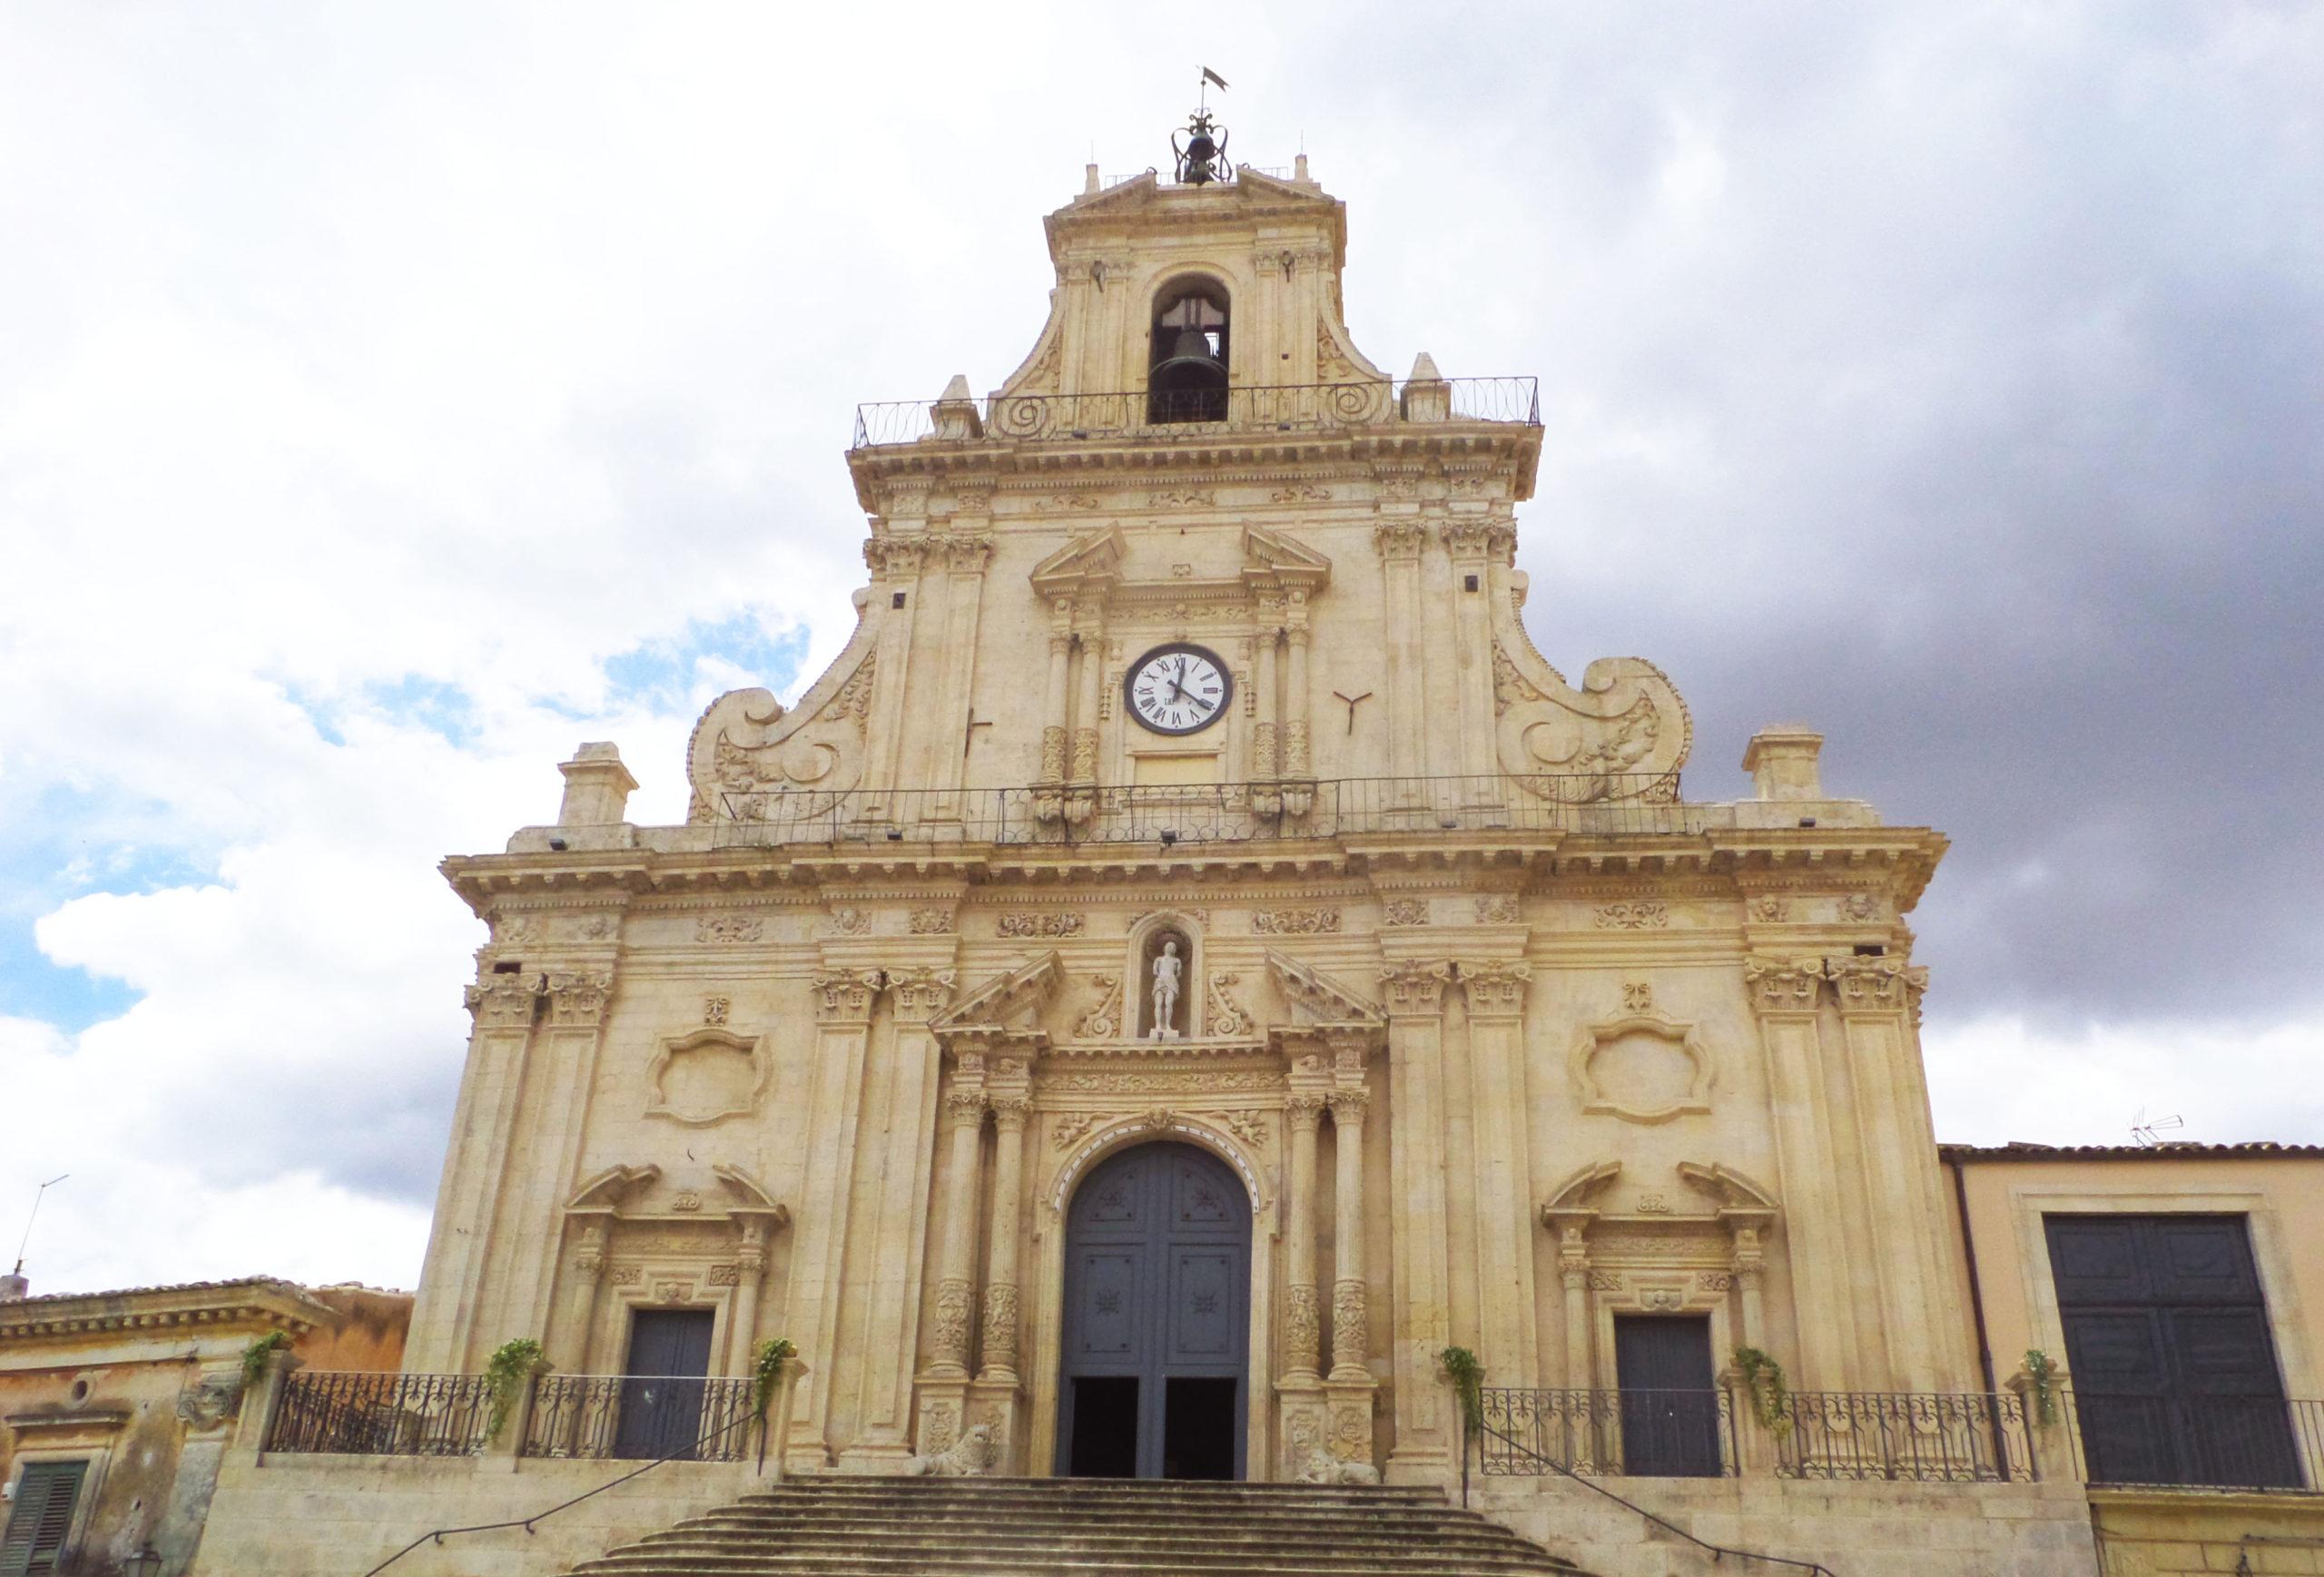 Il giro della Sicilia in compagnia di NewSicilia.it prosegue alla scoperta di Palazzolo Acreide